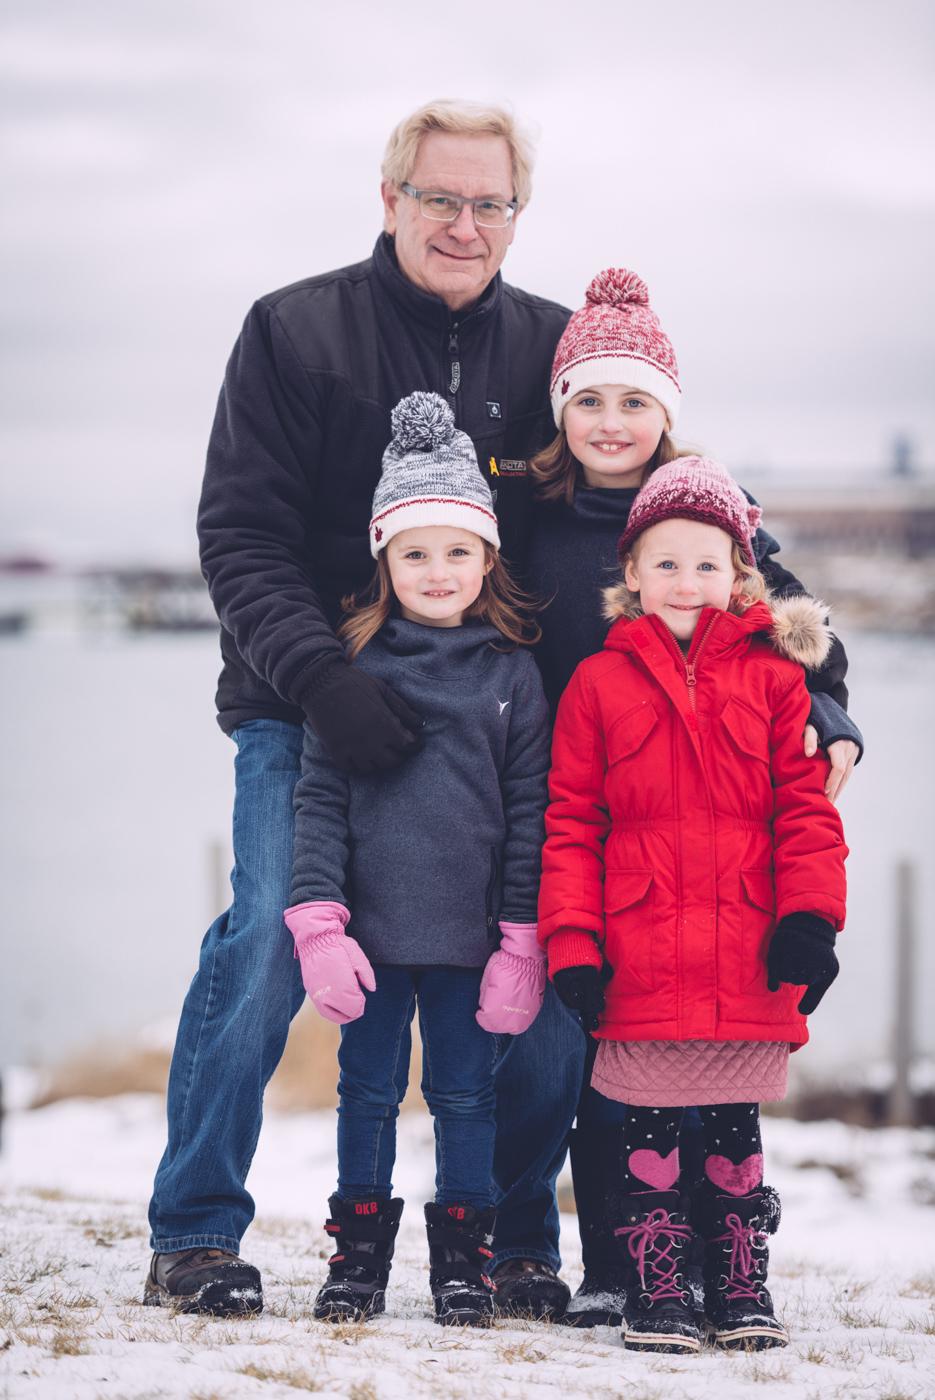 jason_family_portraits_blog9.jpg